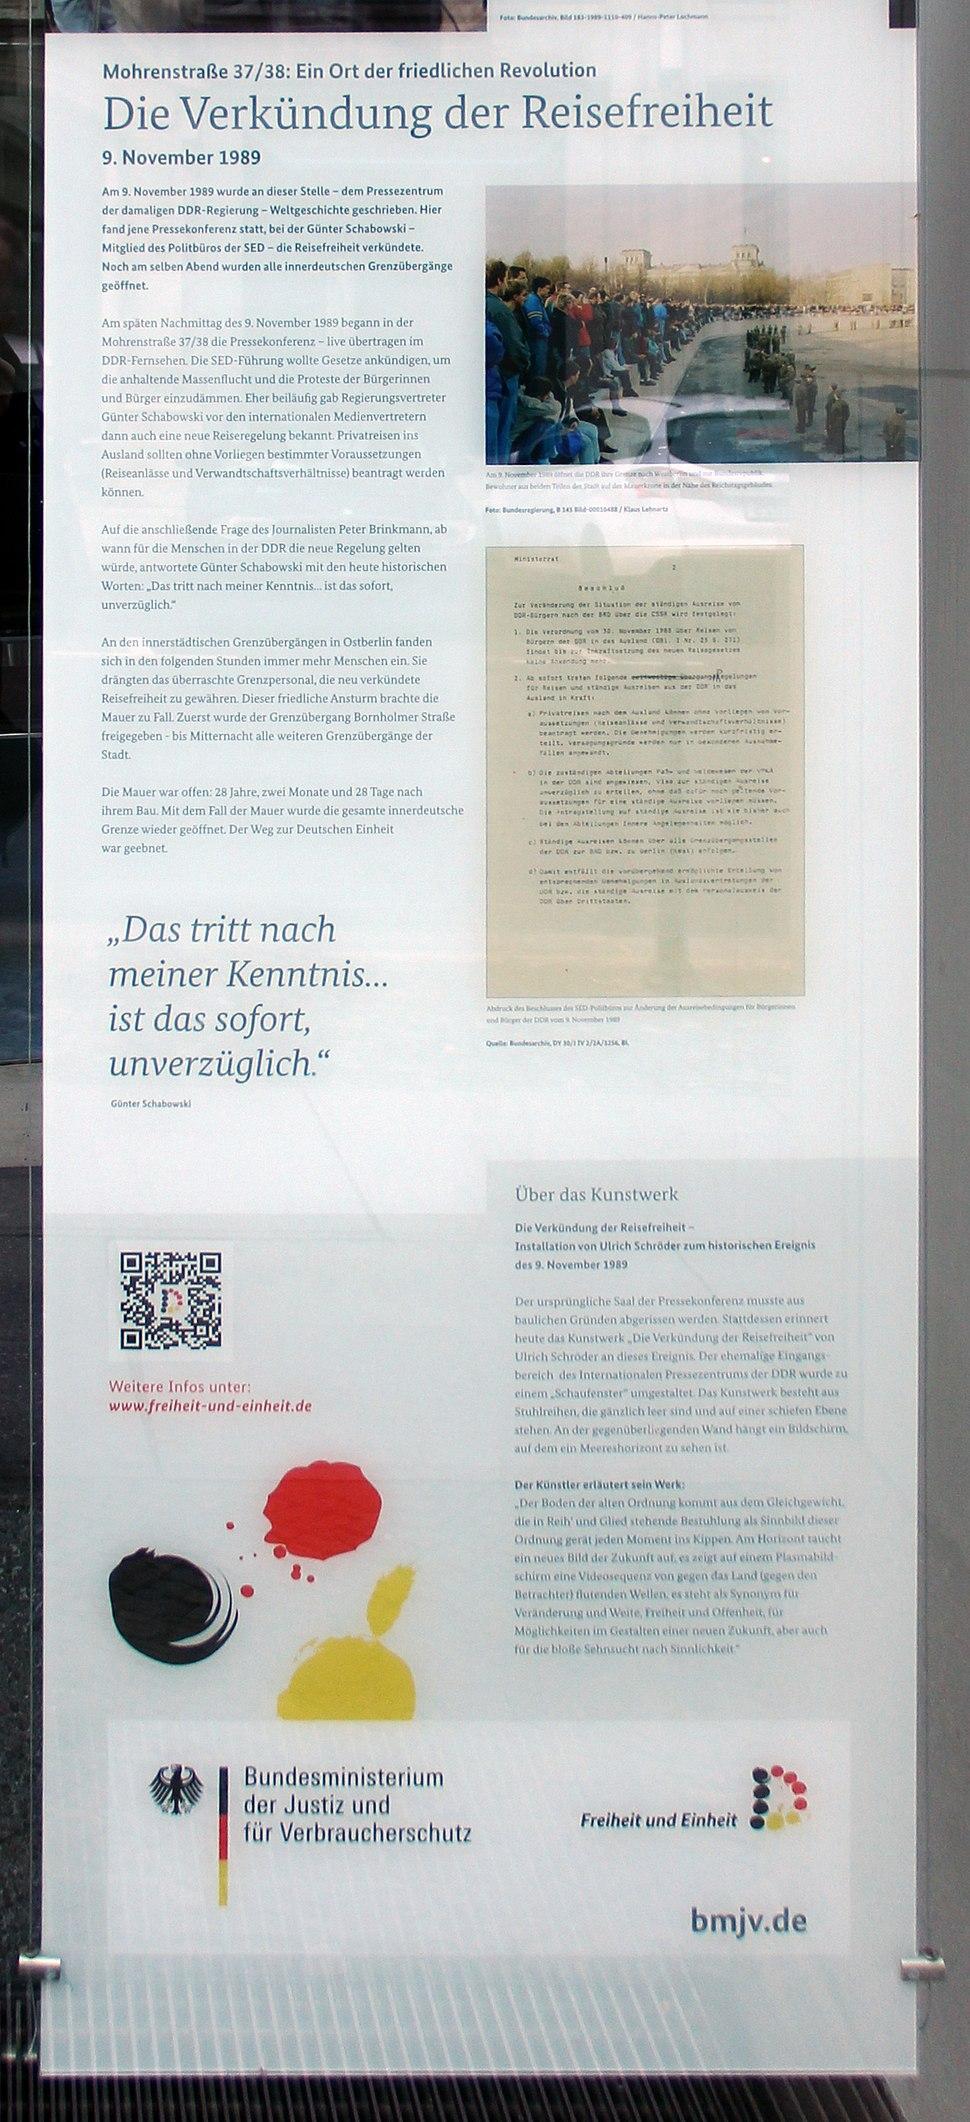 Gedenktafel Mohrenstr 36 (Mitte) Reisefreiheit